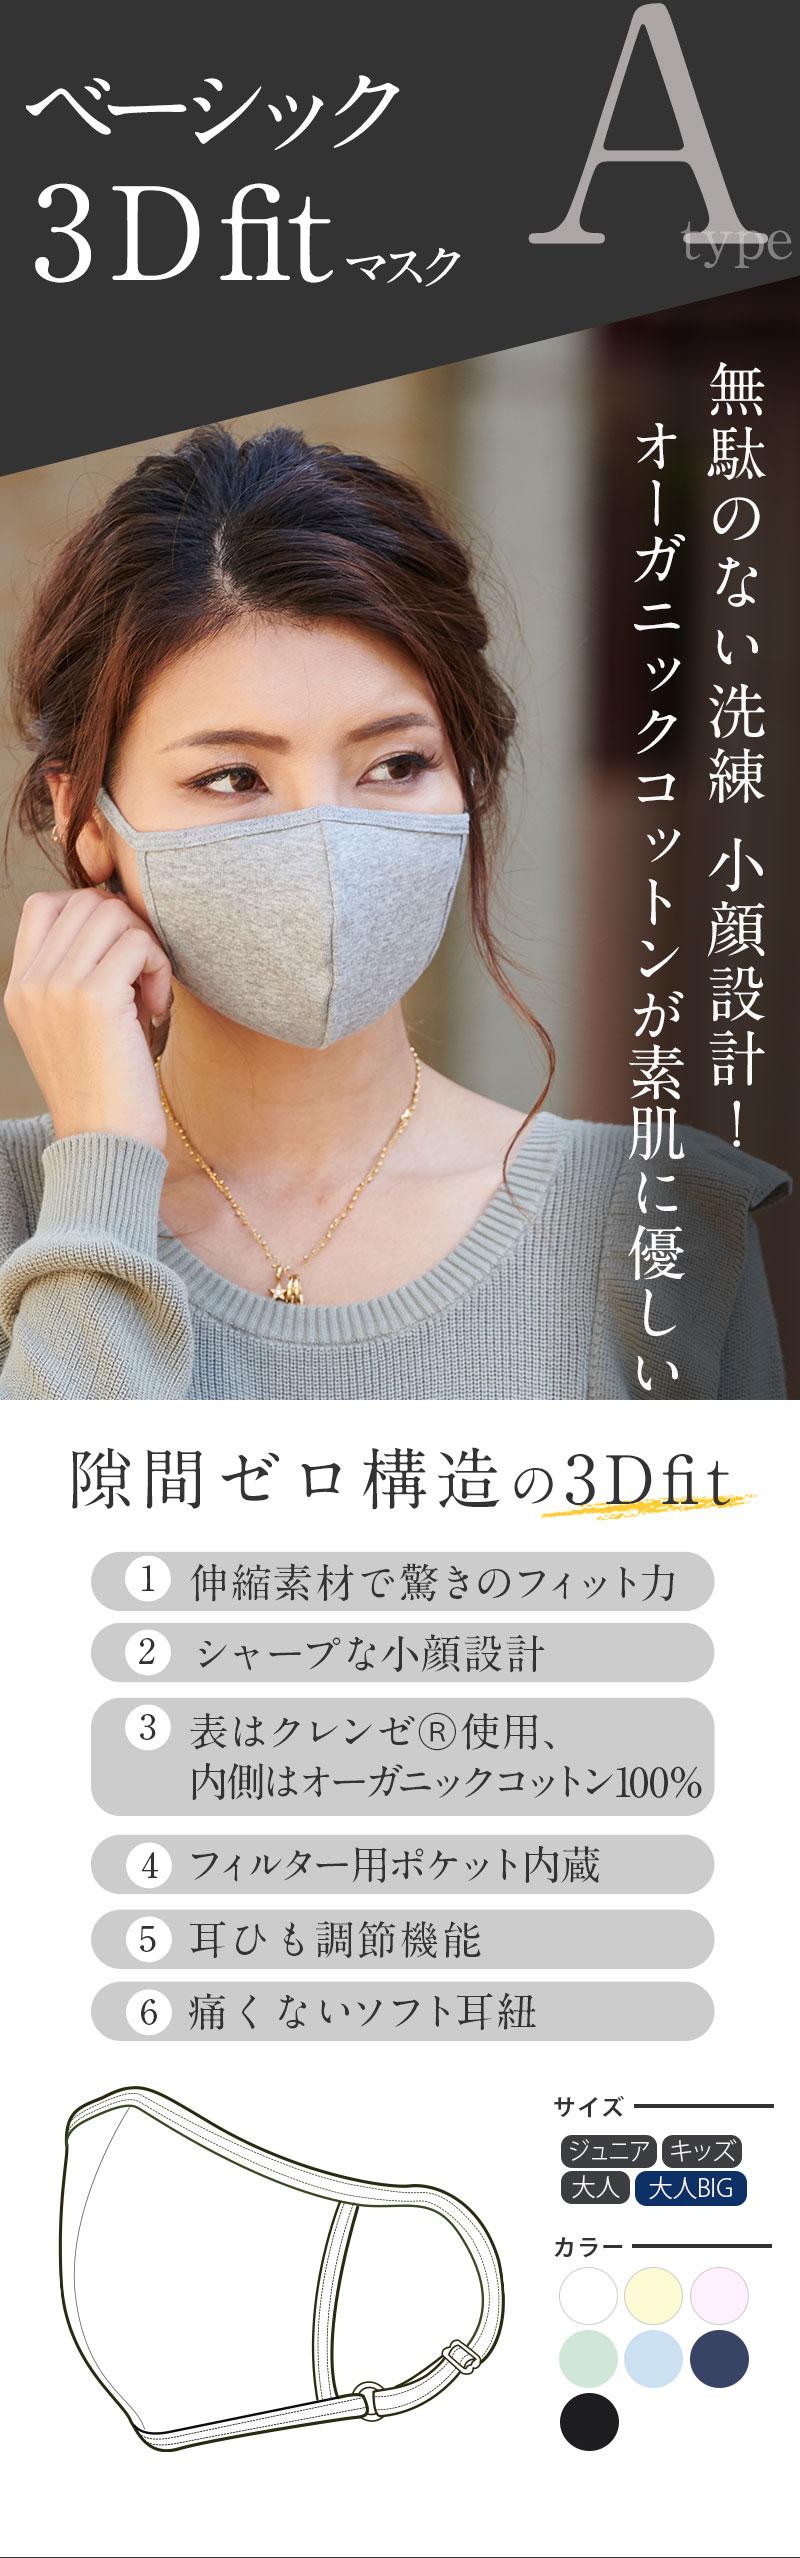 3Dフィットマスク 抗菌 抗ウイルス